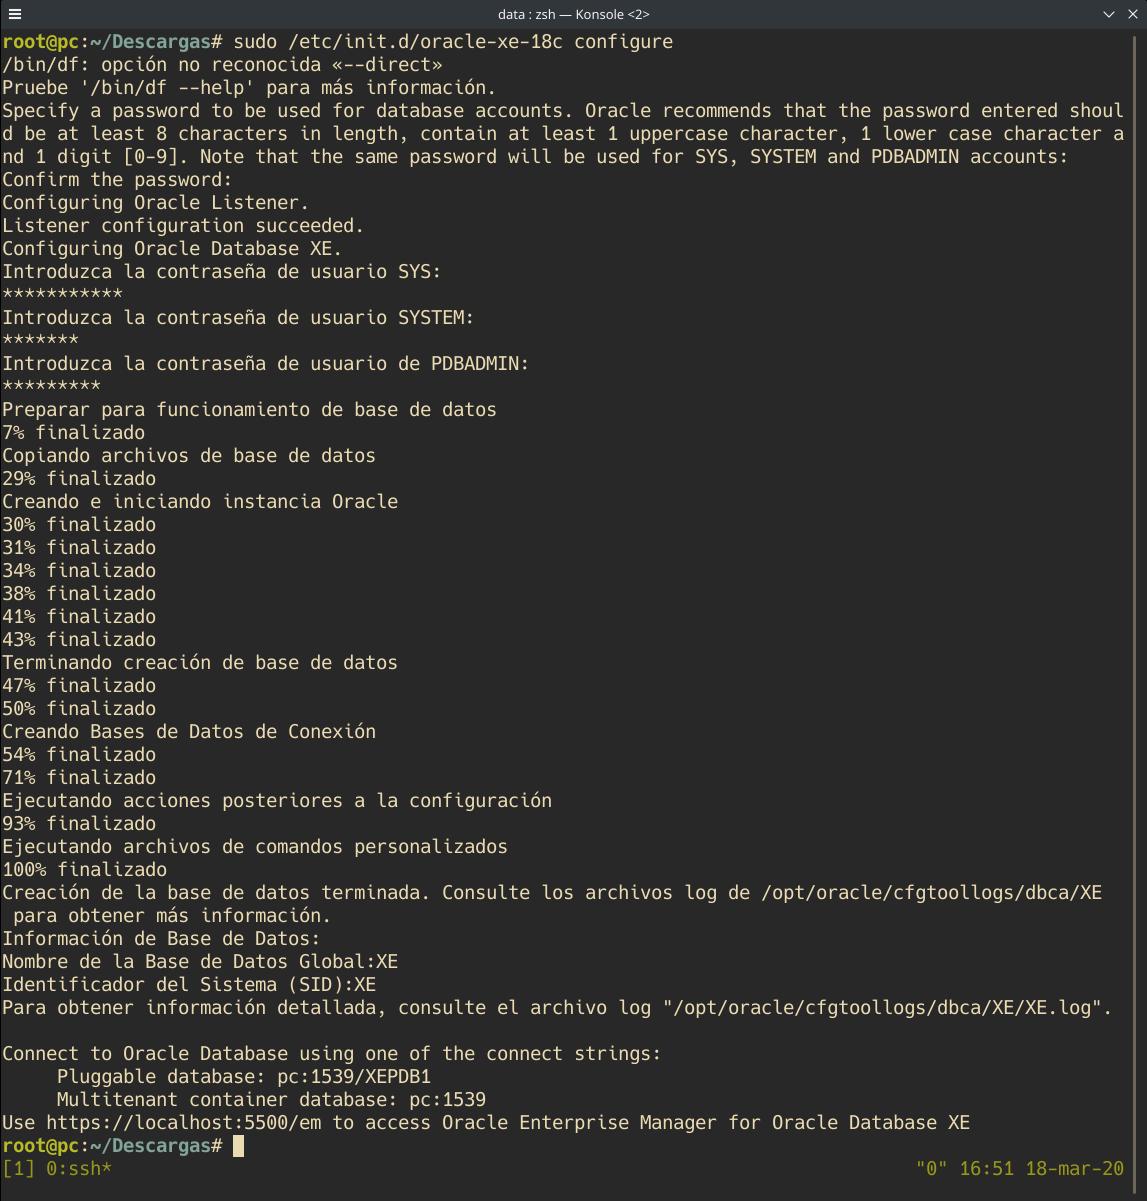 Ejecución correcta de Oracle Database 18c